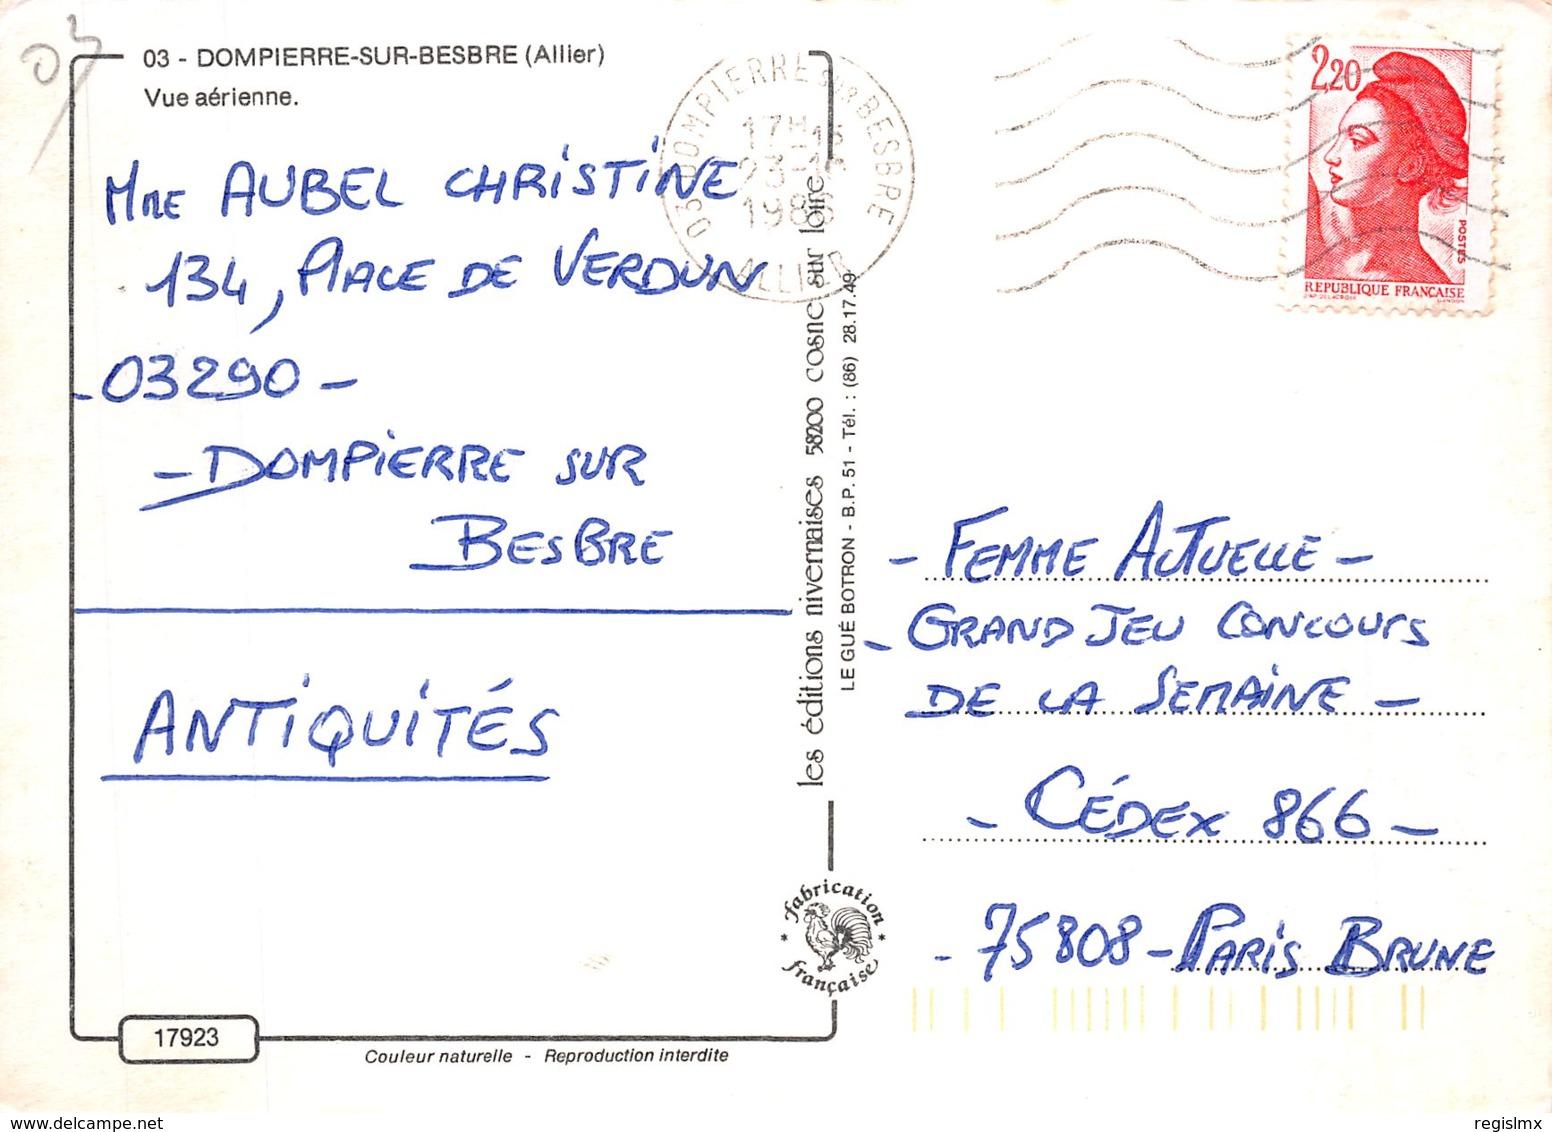 03-DOMPIERRE SUR BESBRE-N°2178-D/0207 - France